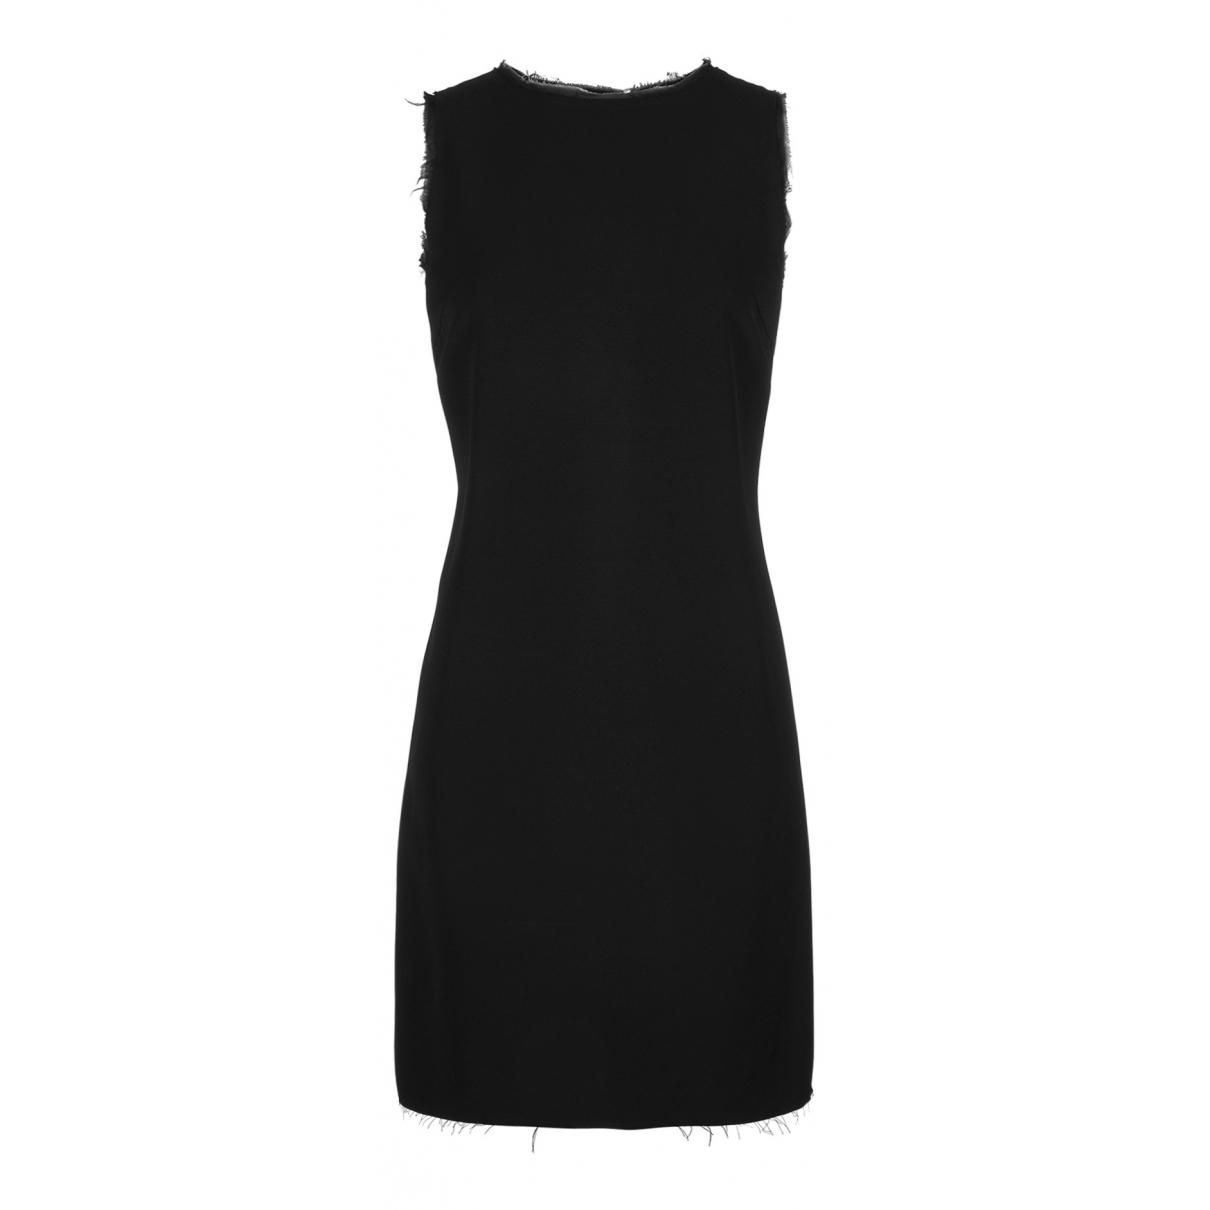 Maison Martin Margiela N Black Wool dress for Women 6 UK